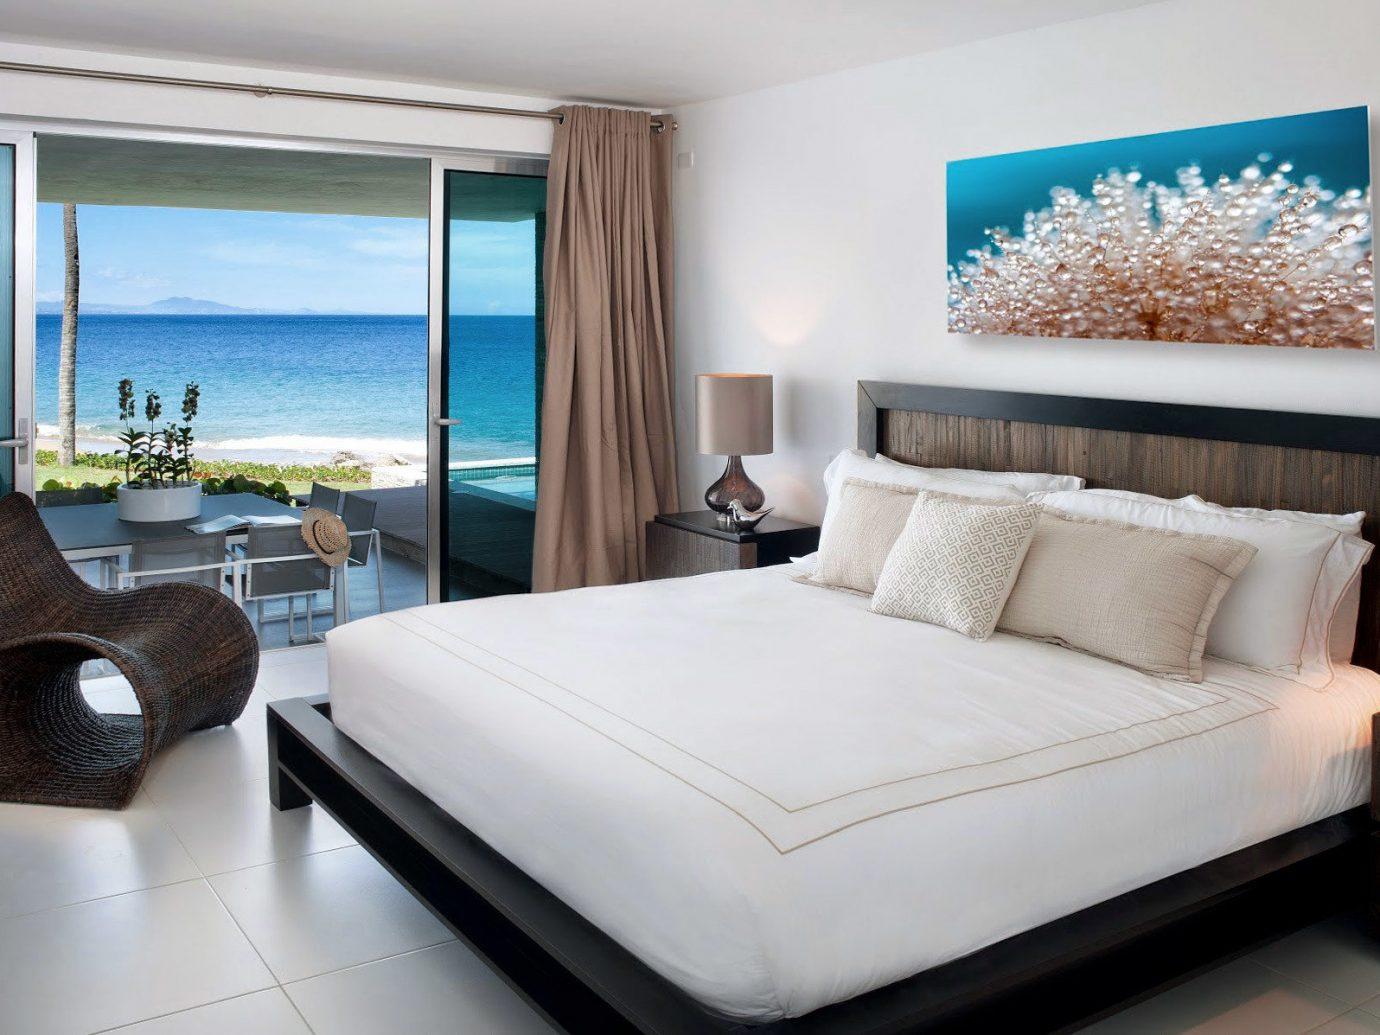 Bedroom At The Gansevoort Luxury Hotel Playa Imbert